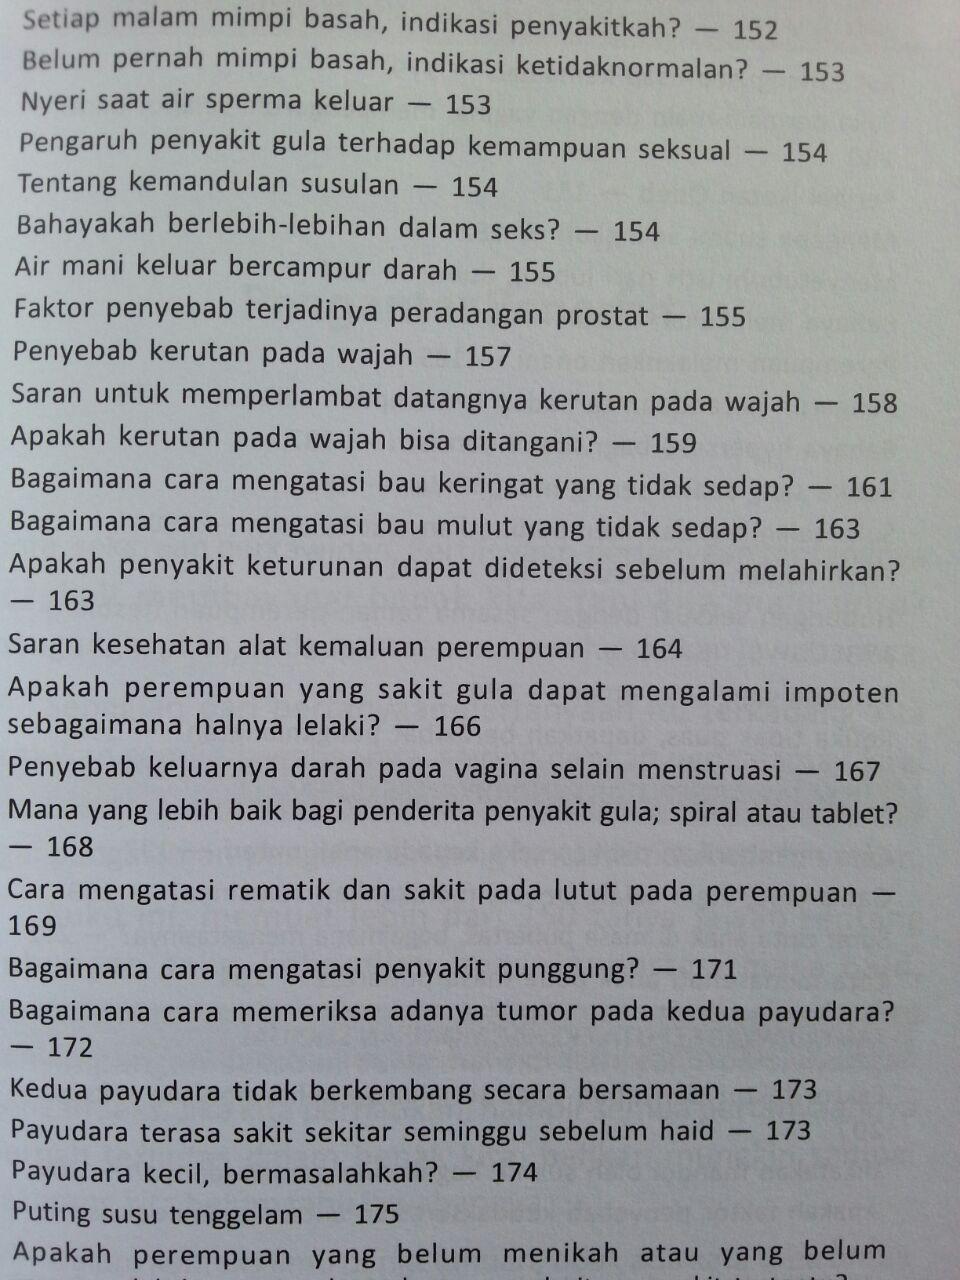 Buku Malu Bertanya Sesat Di Ranjang 150 Problem Sering Terjadi isi 3